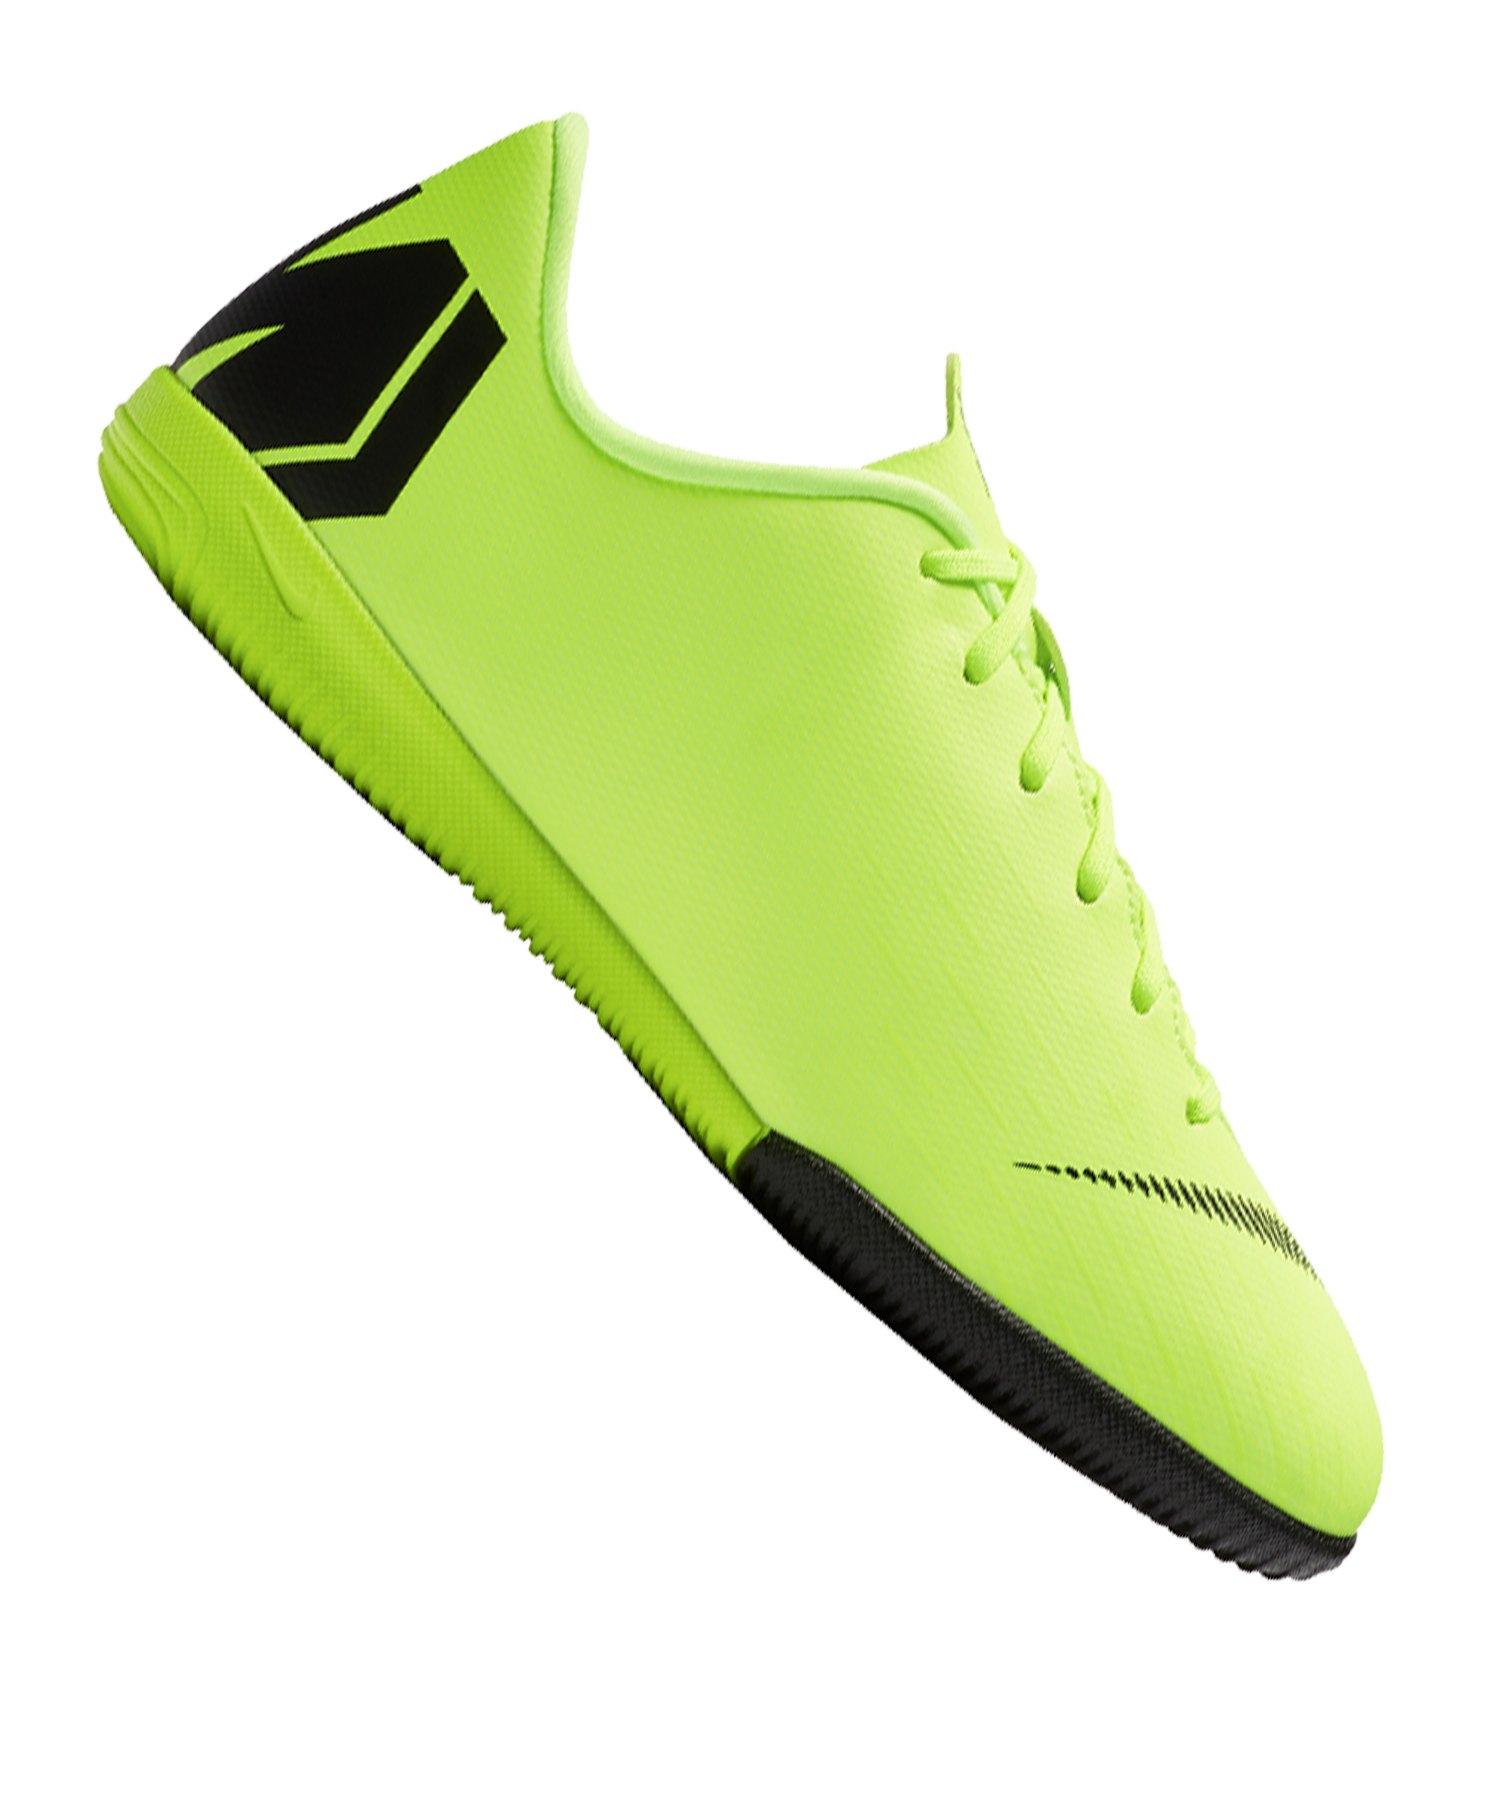 Mercurial Vaporx Xii Nike Ic F701 Jr Kids Academy TF1Jc5ulK3